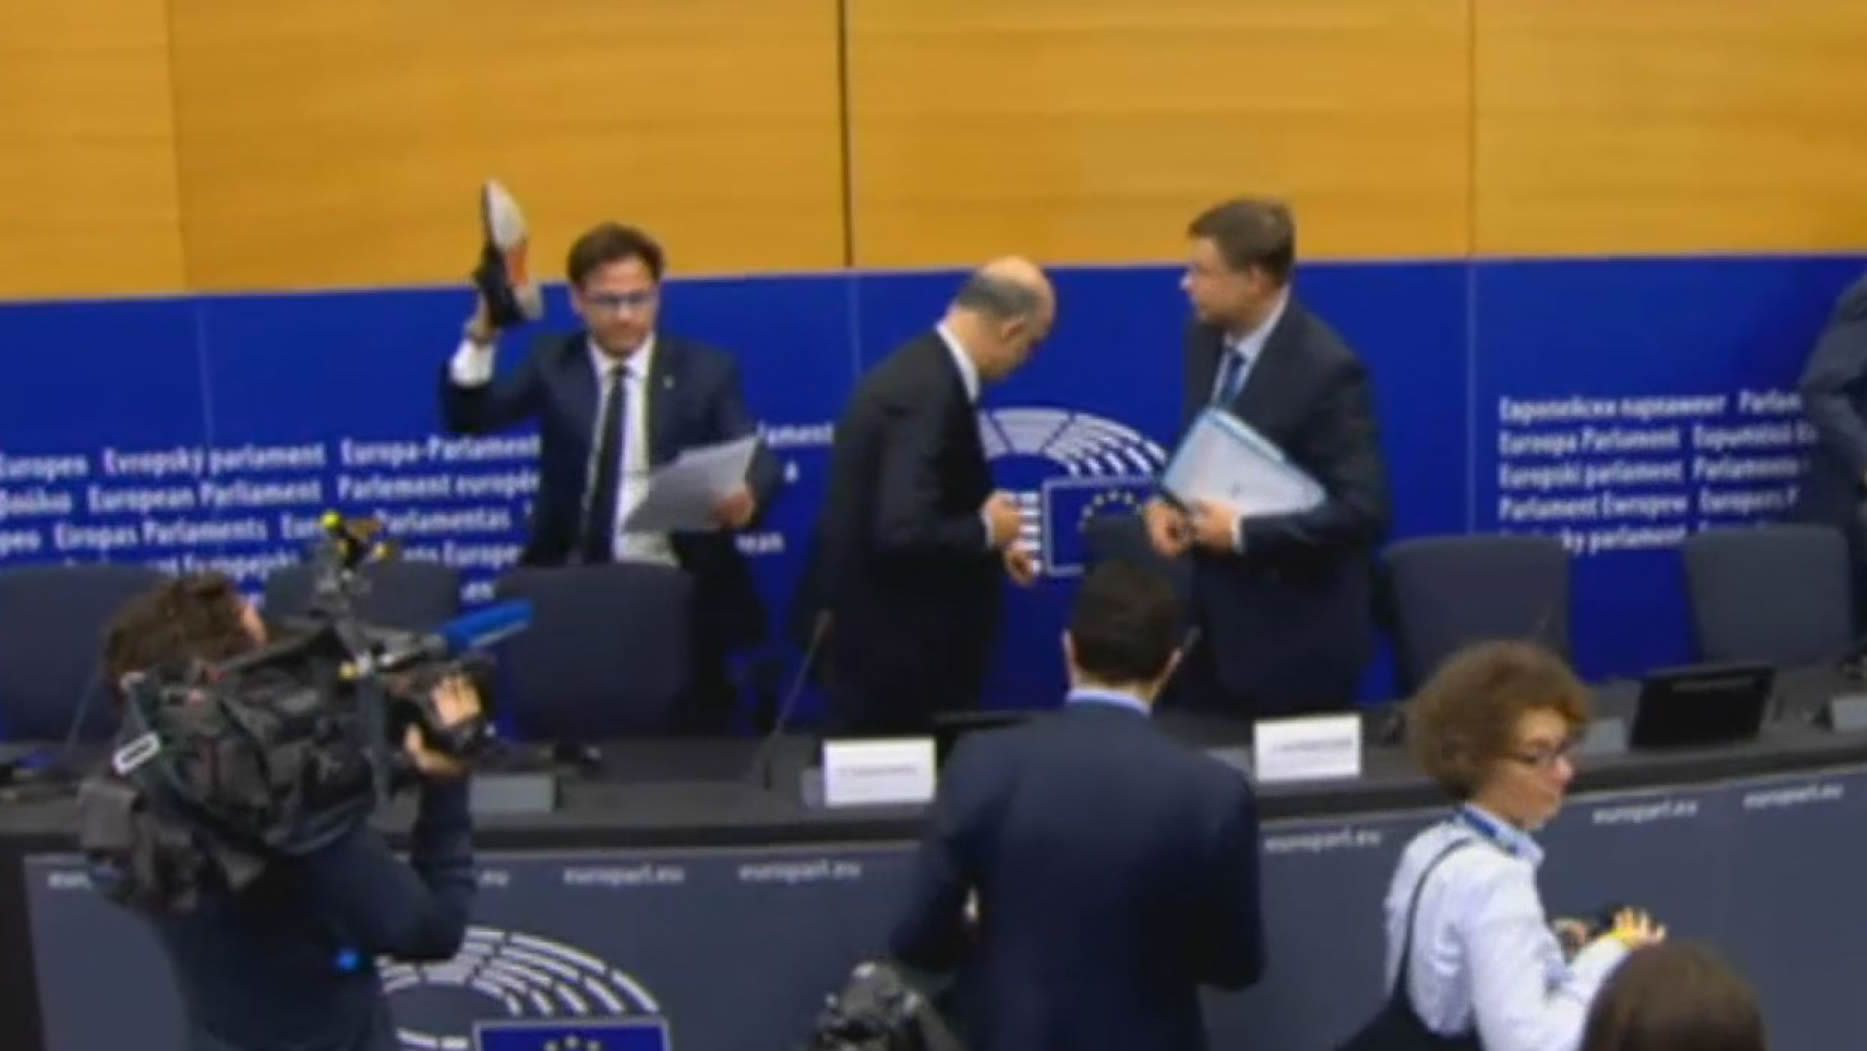 Un eurodiputado italiano pisotea los papeles de Moscovici.Fernando Alonso celebra en Brasil el campeonato del mundo del 2005